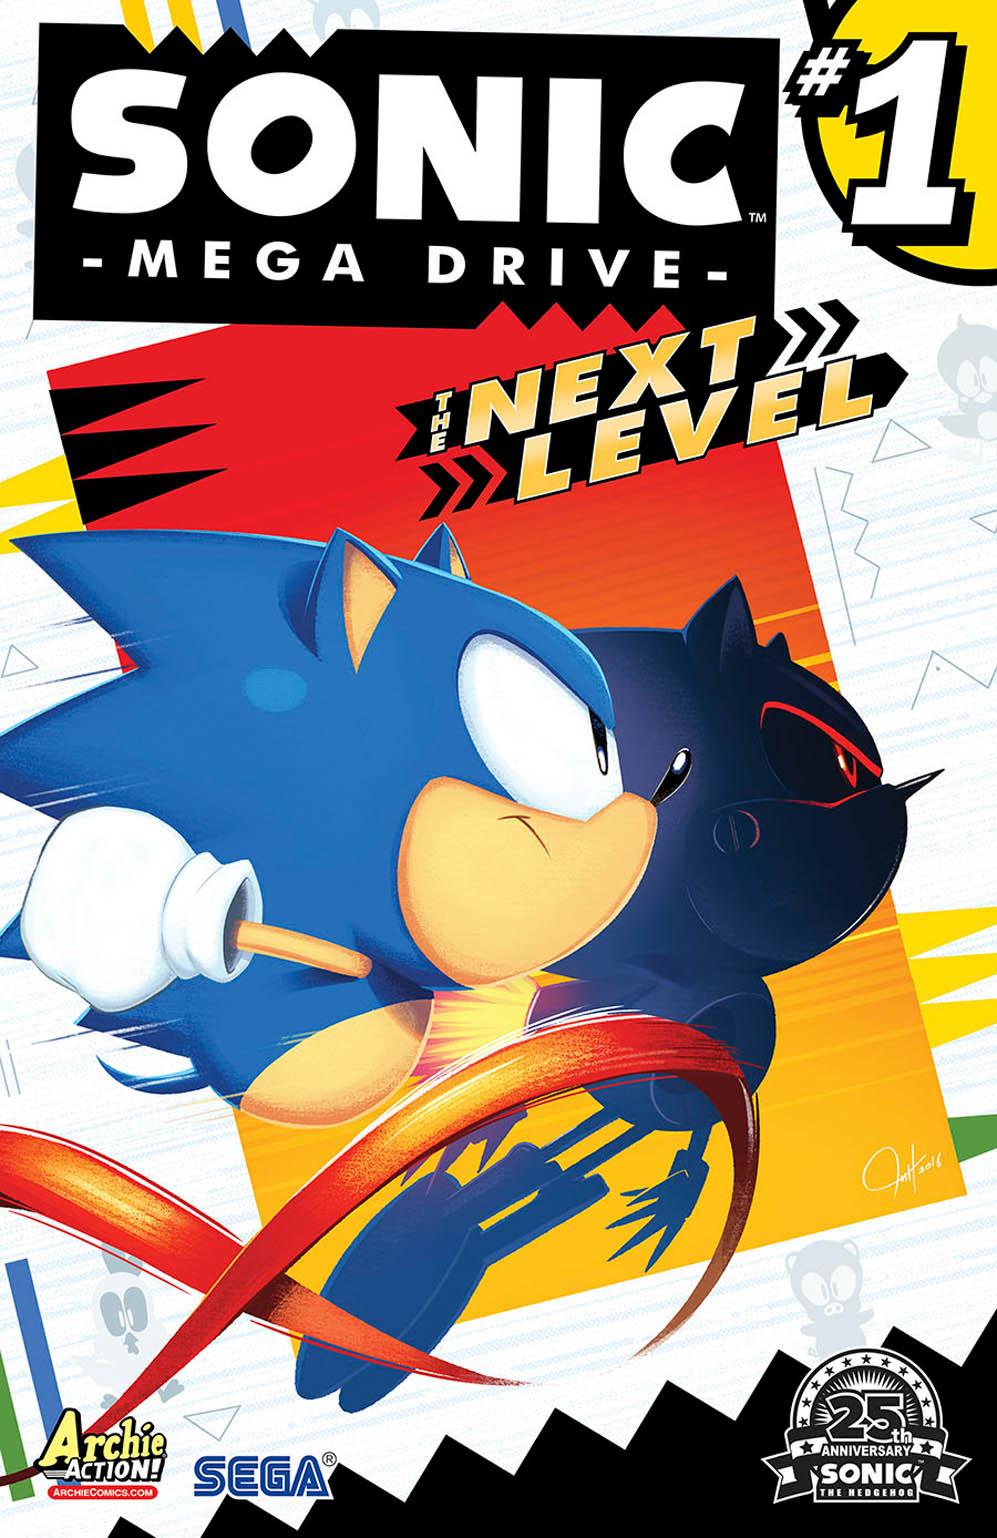 http://rozup.ir/view/1690607/Sonic_Mega_Drive_TNL.jpg